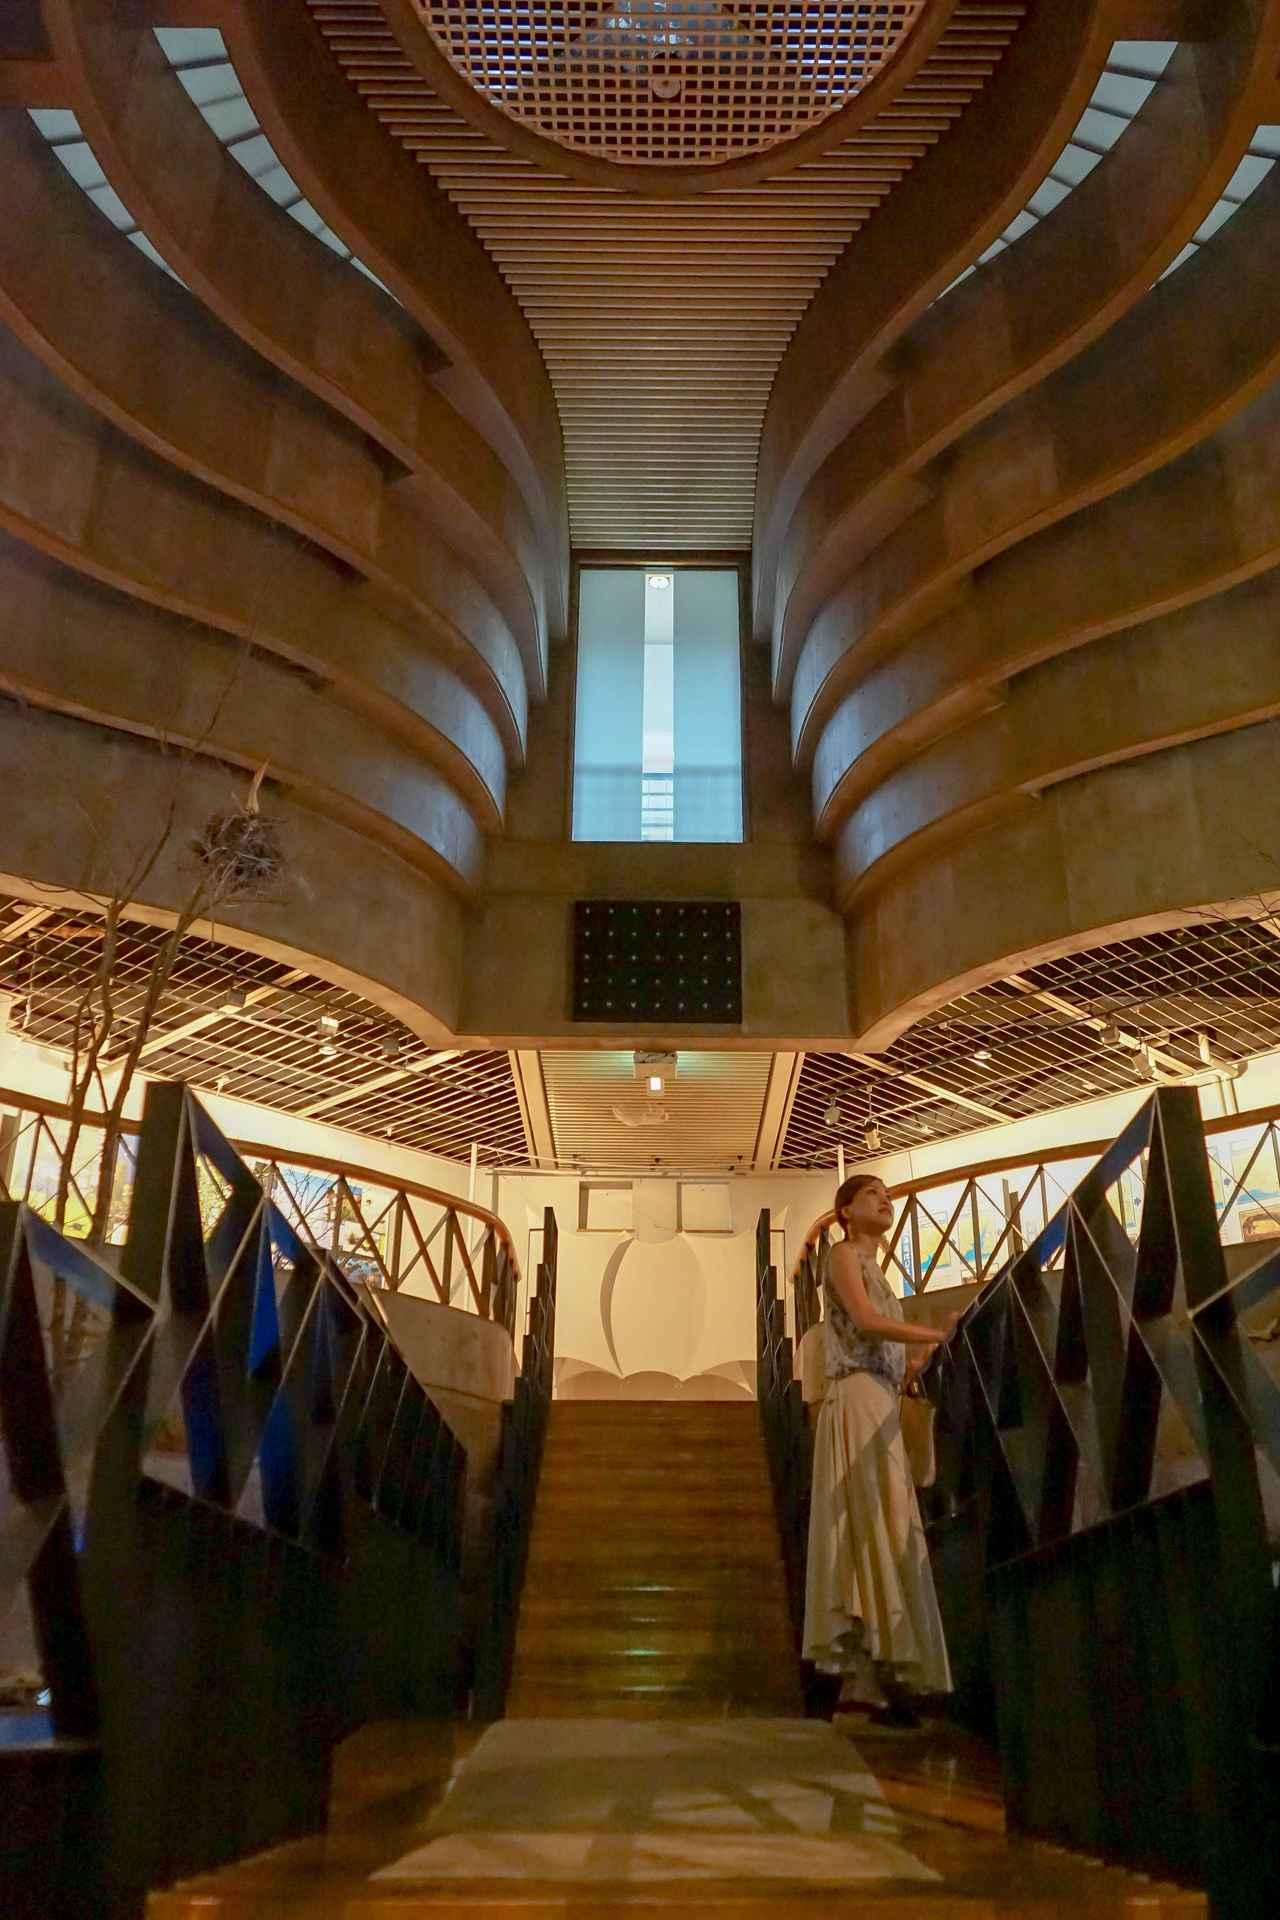 画像2: 釧路市湿原展望台で、雄大な自然景観と建築の造形美にふれる